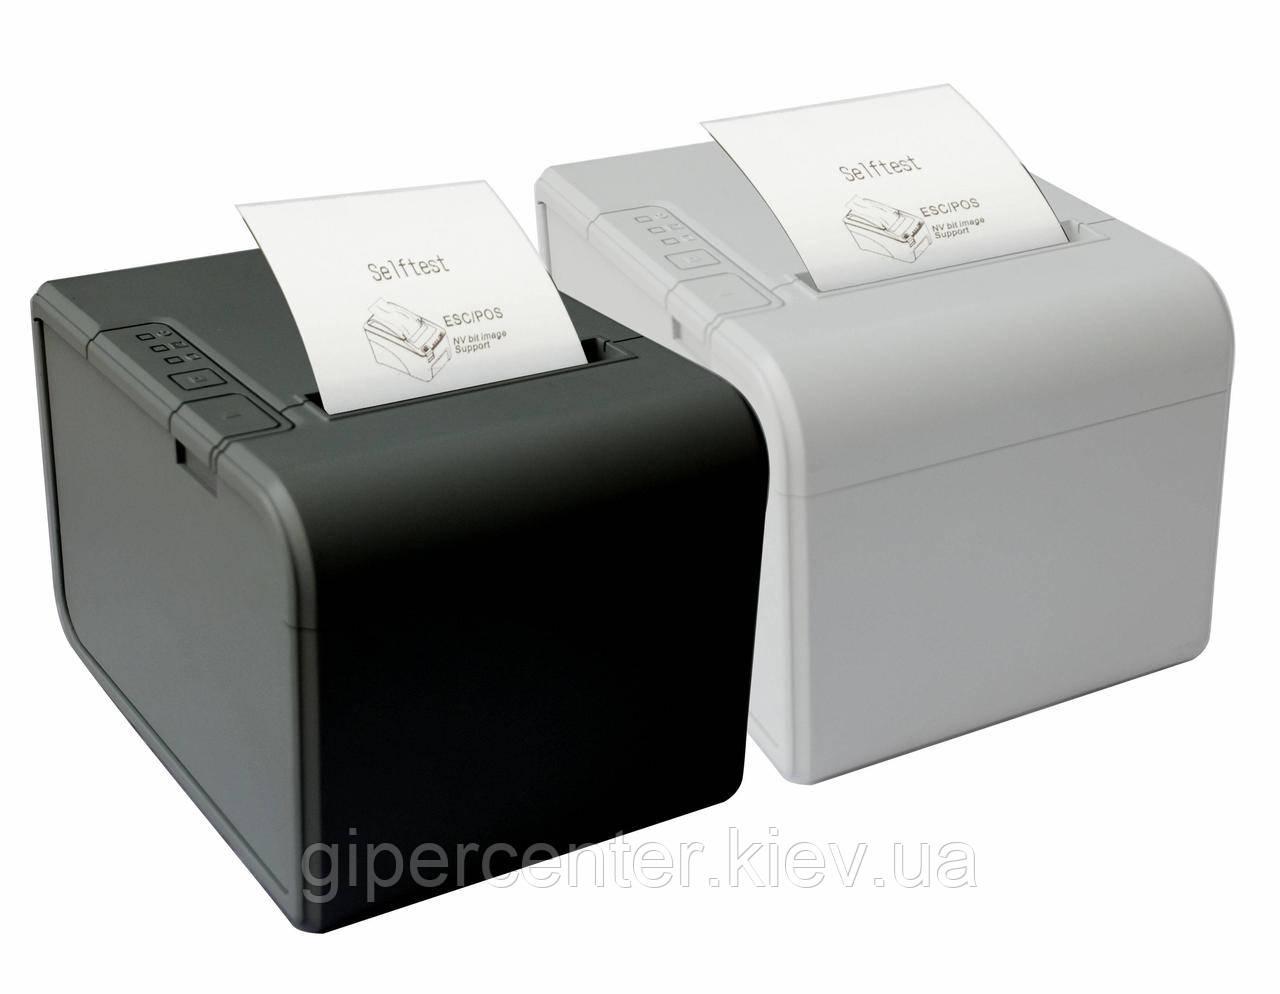 Принтер чеков SPARK-PP-2012.2A с автообрезчиком, белый